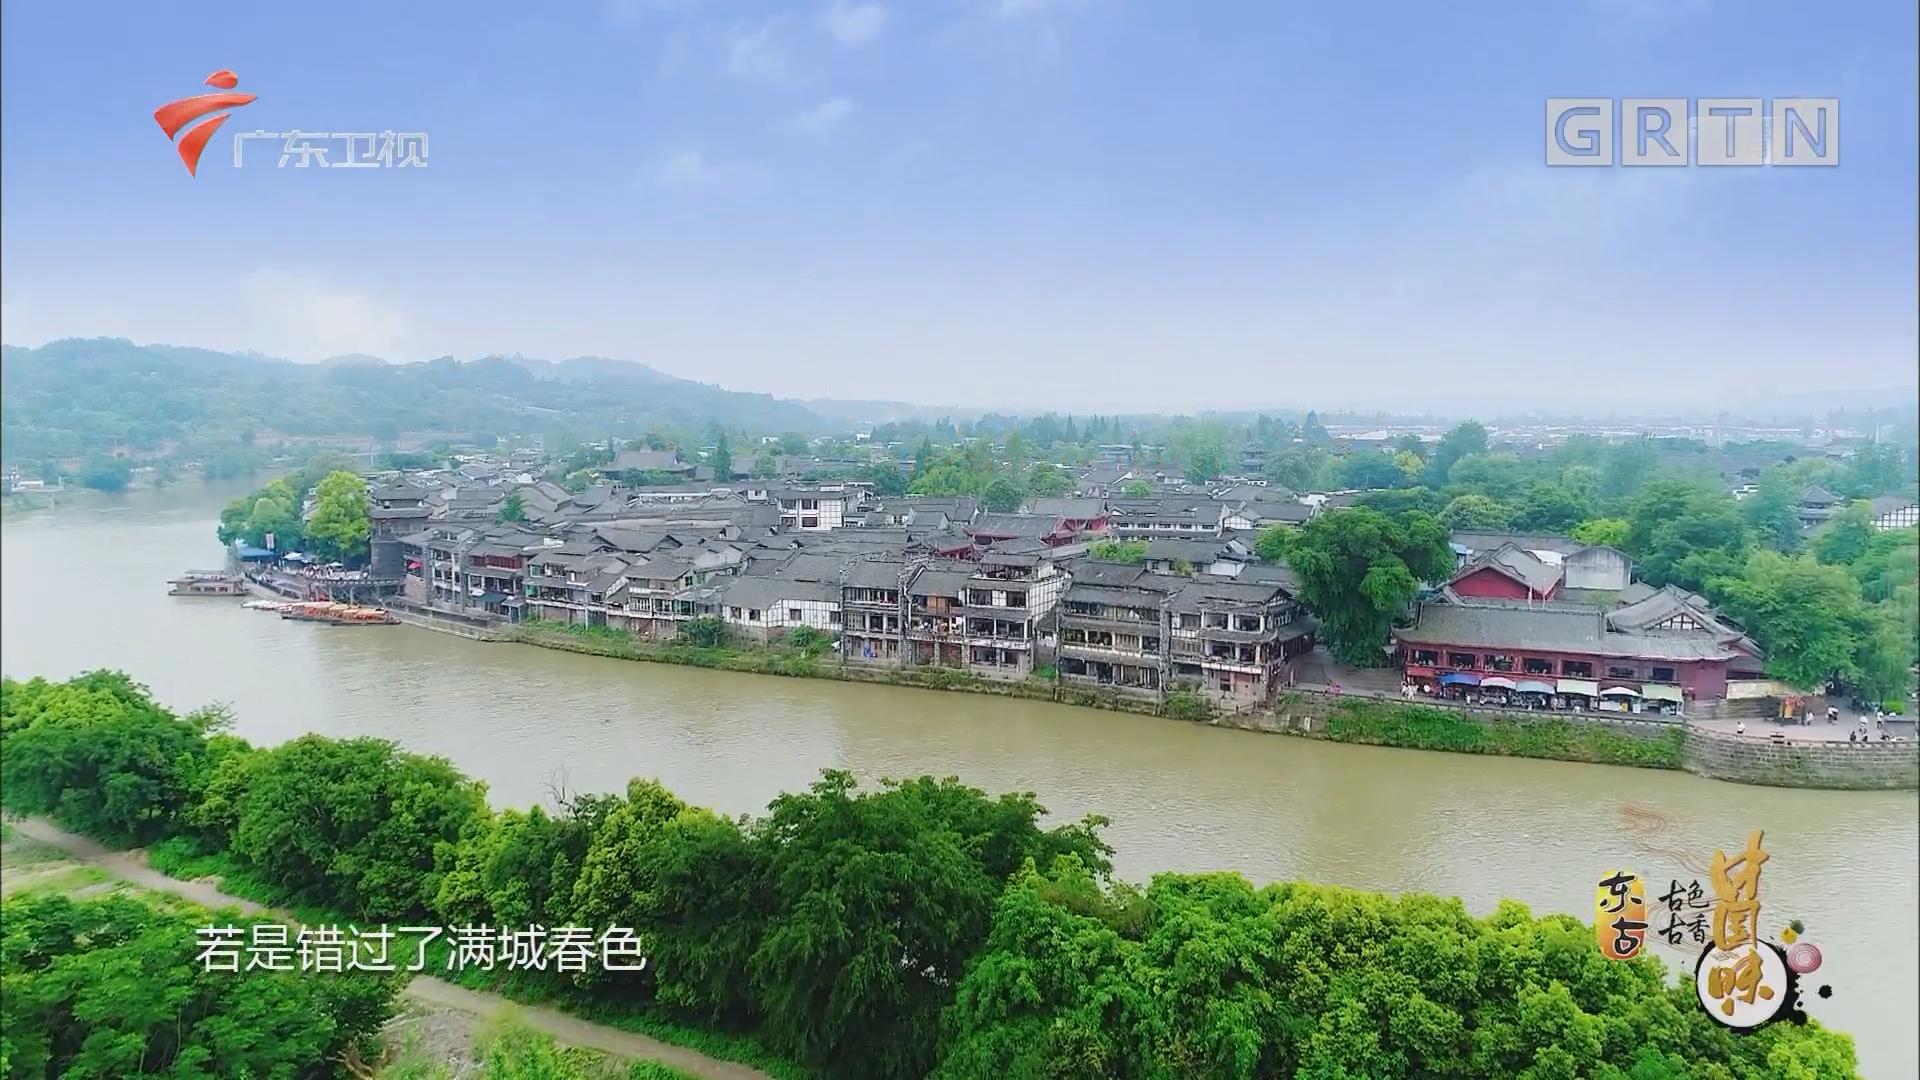 [HD][2019-06-08]古色古香中国味:四川黄龙溪古镇